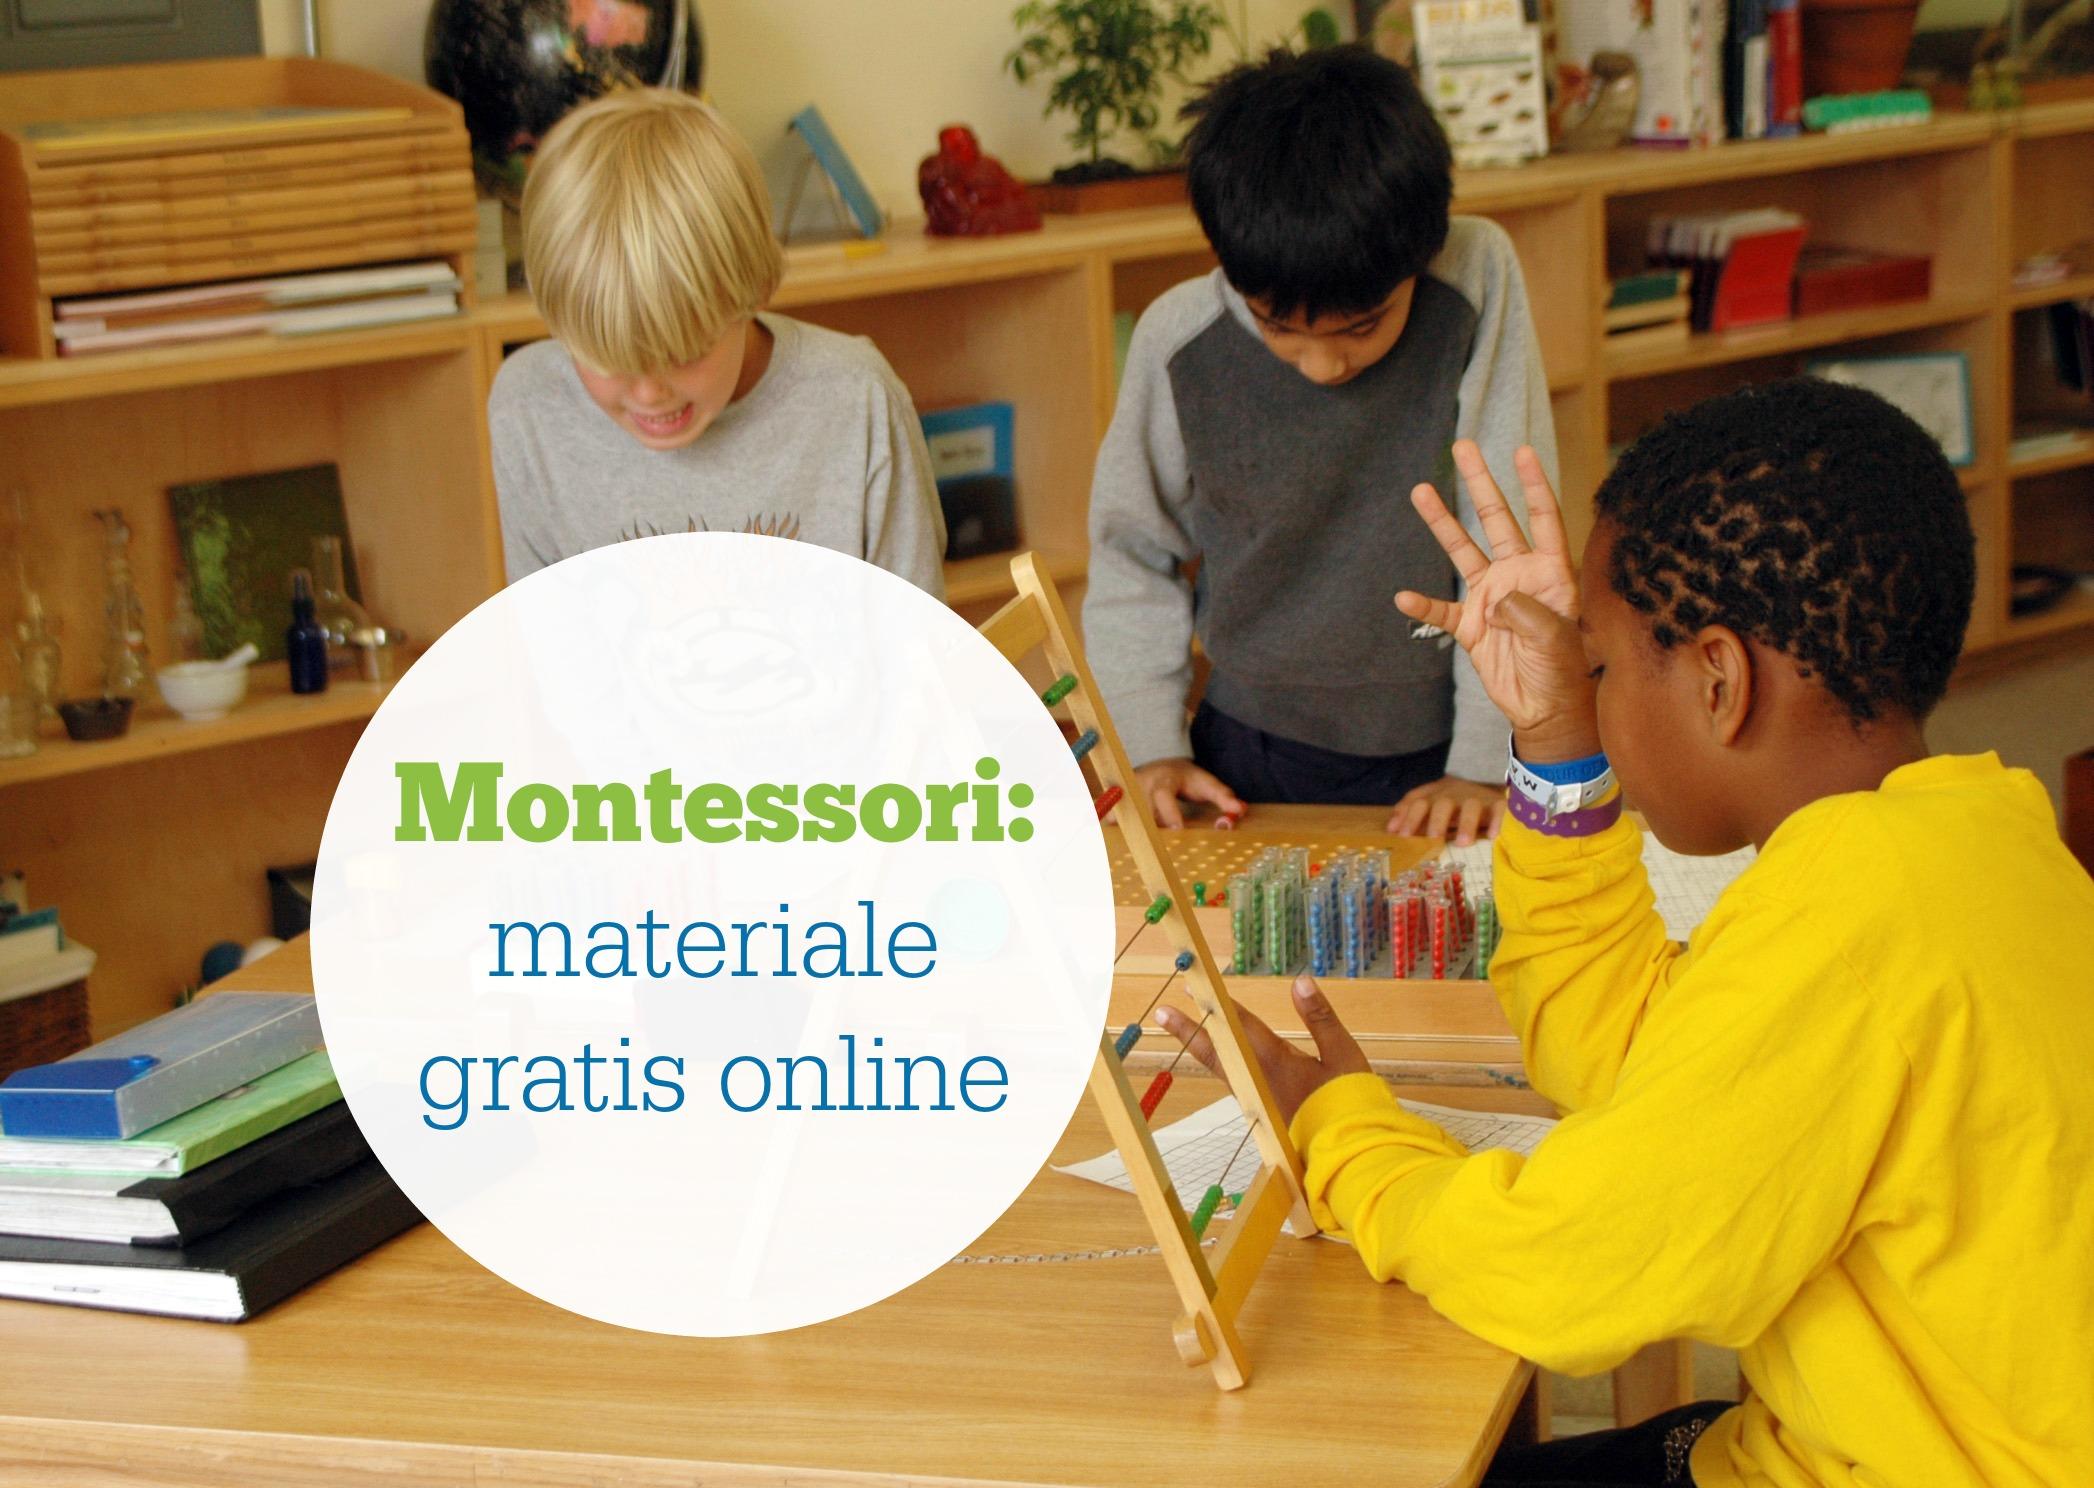 montessori-materiale-gratis-online